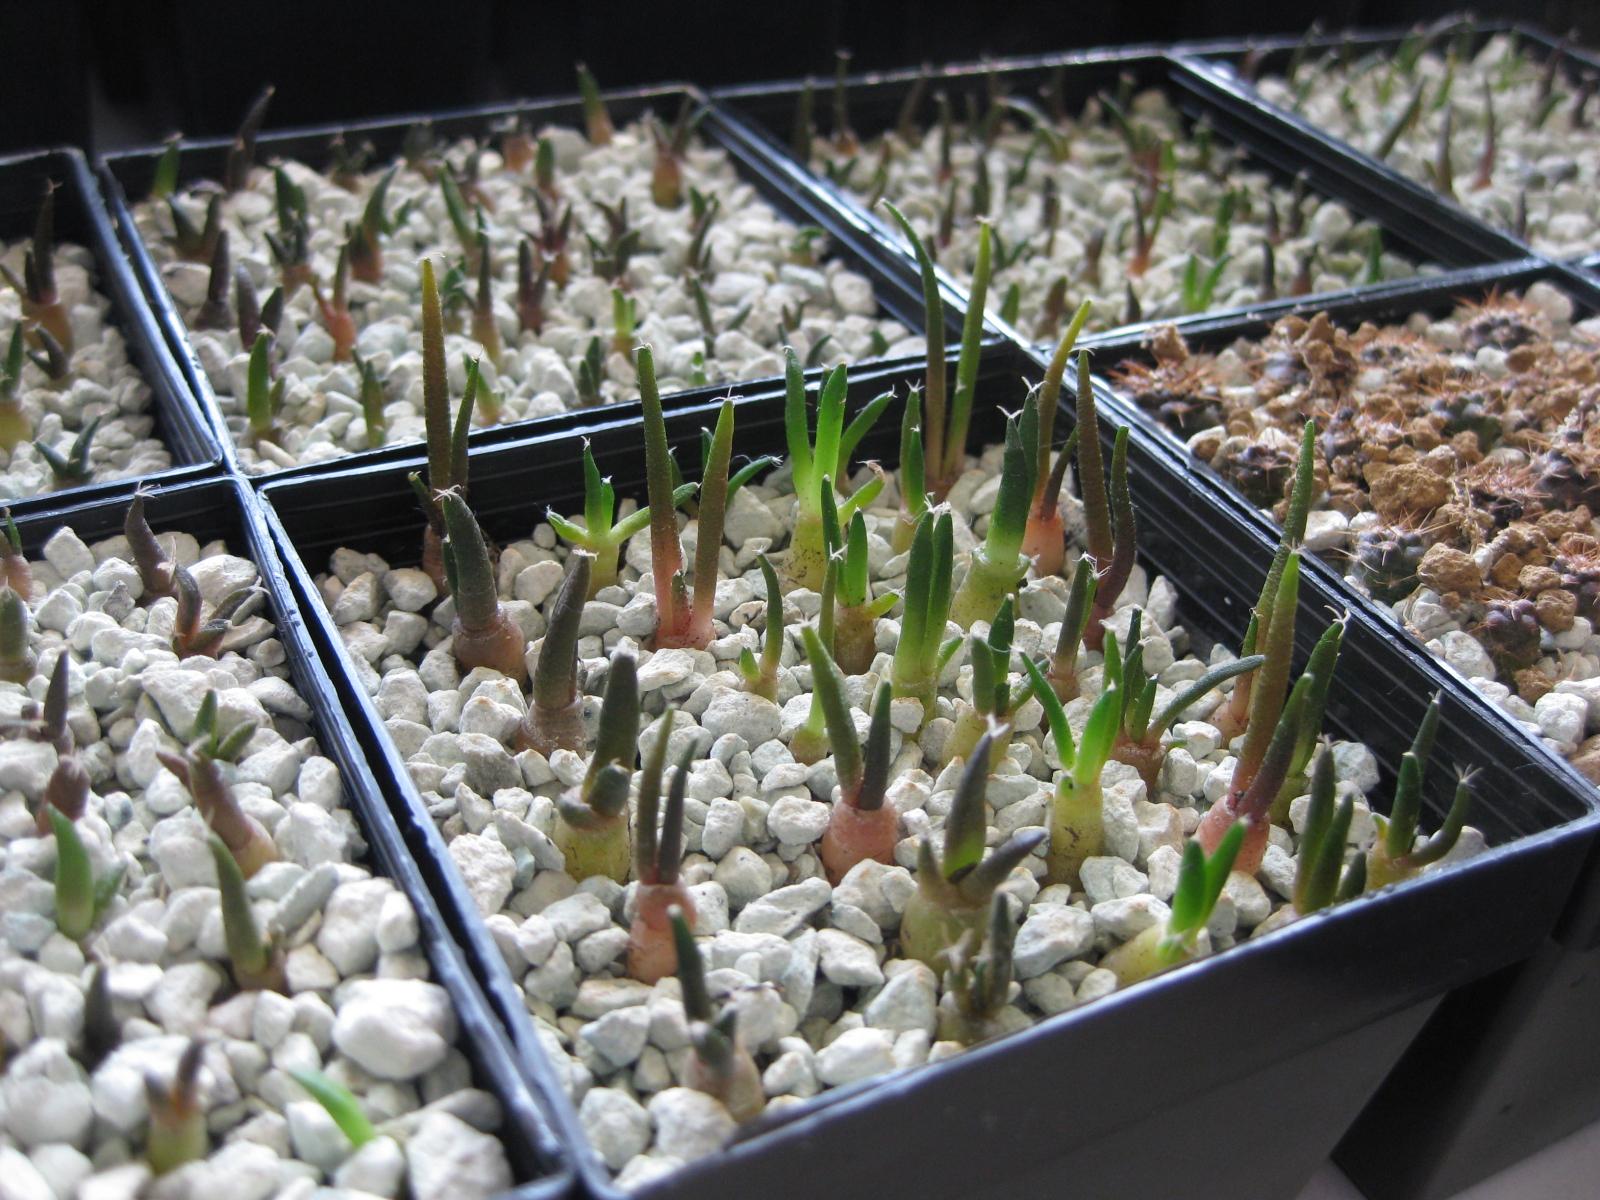 zeolites - GrassRoots - Mycotopia